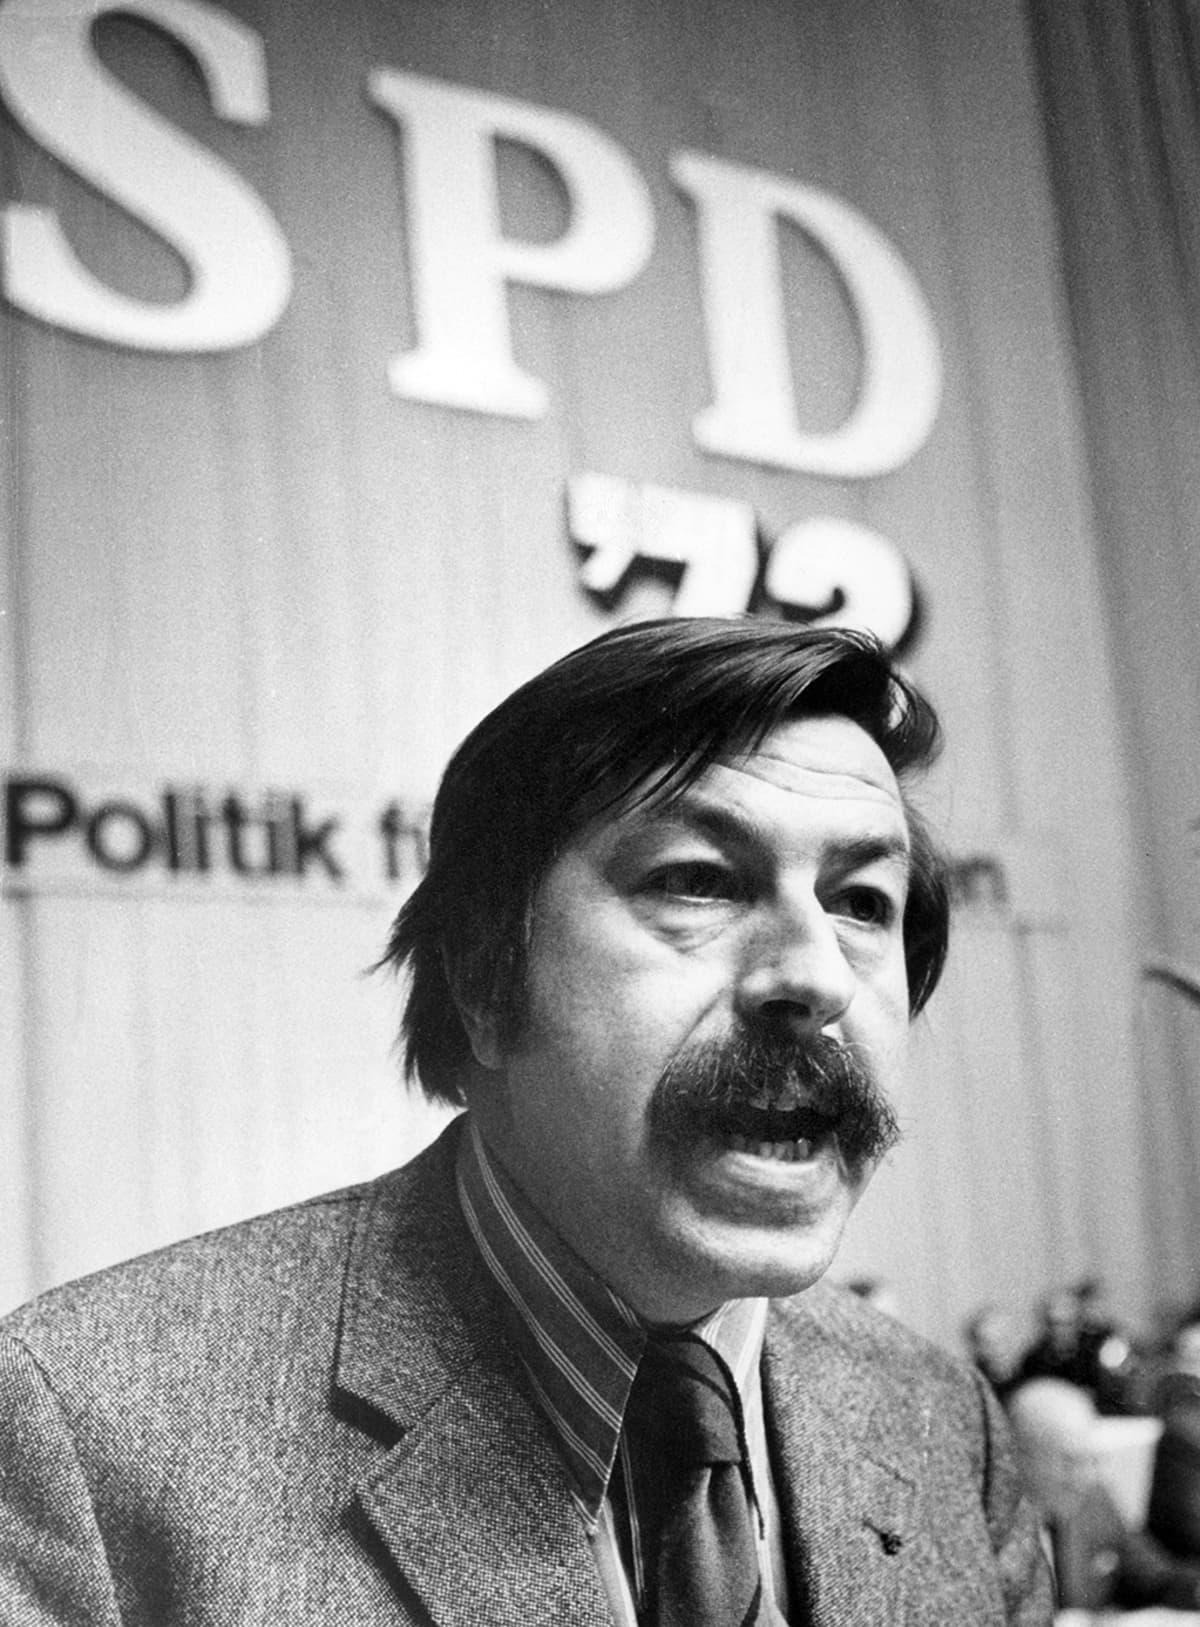 Günter Grass puhumassa SPD:n puoluekokouksessa Dortmundissa, Saksassa huhtikuussa 1972